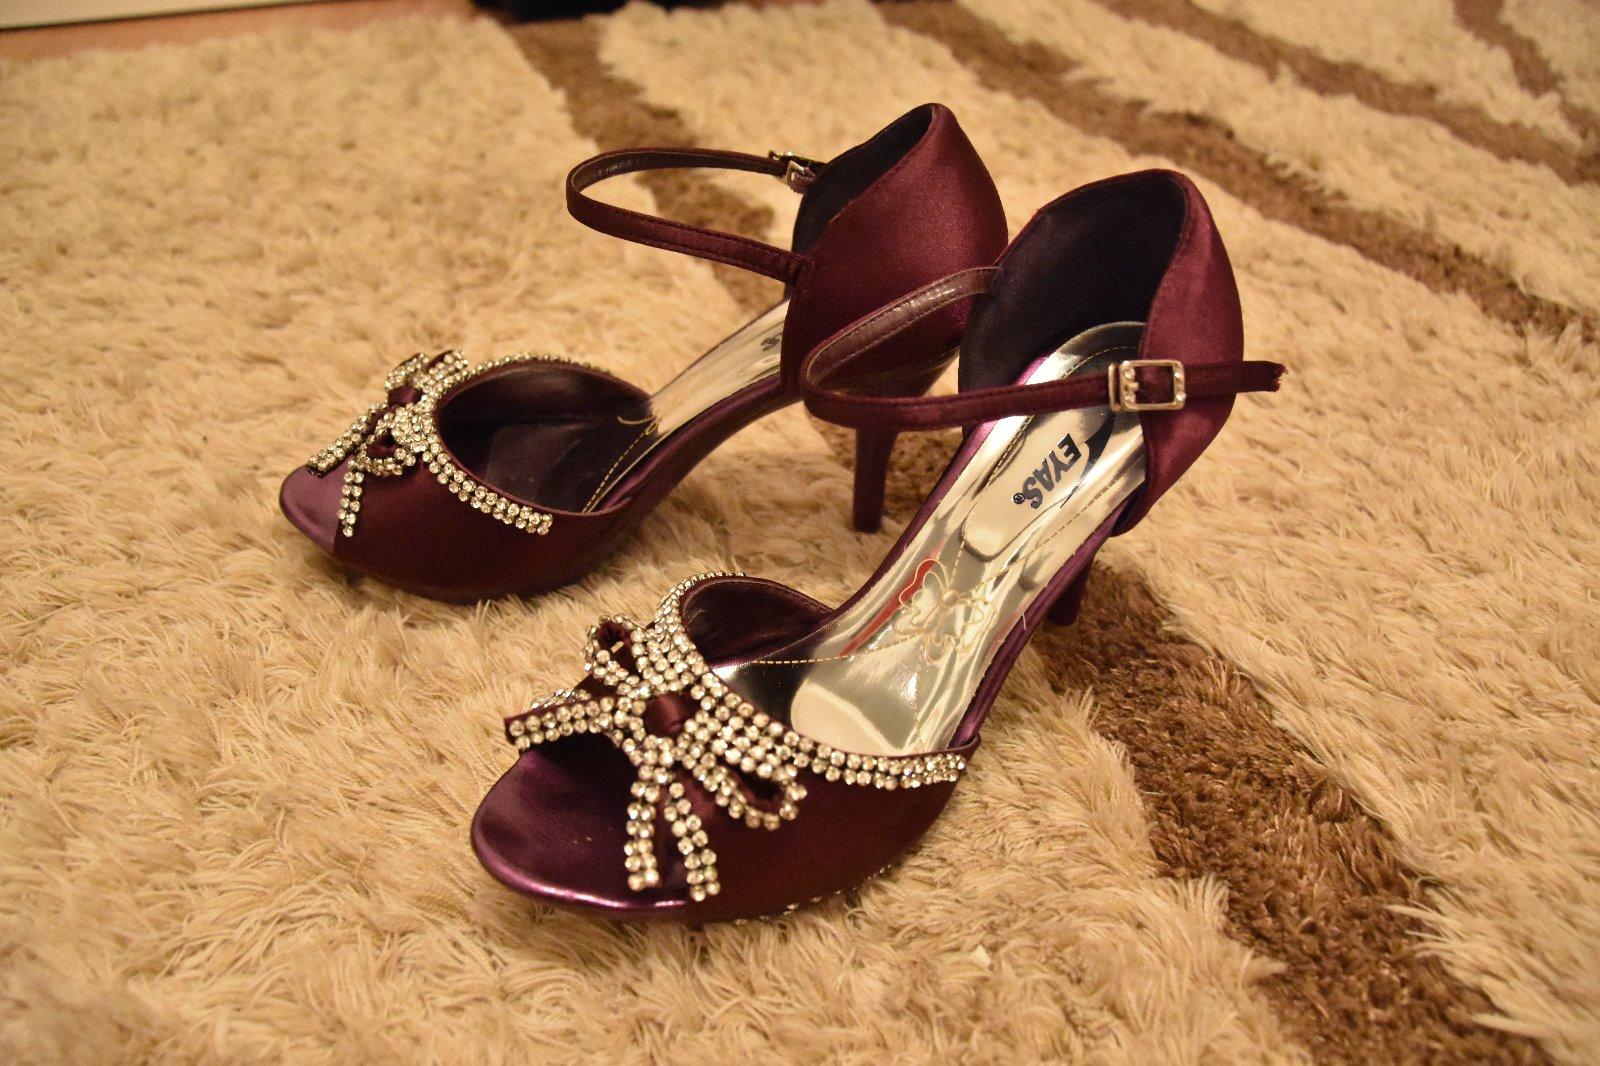 496c82a717d97 Fialové spoločenské topánky, veľkosť 38, 38 - 13 € od predávajúcej ...